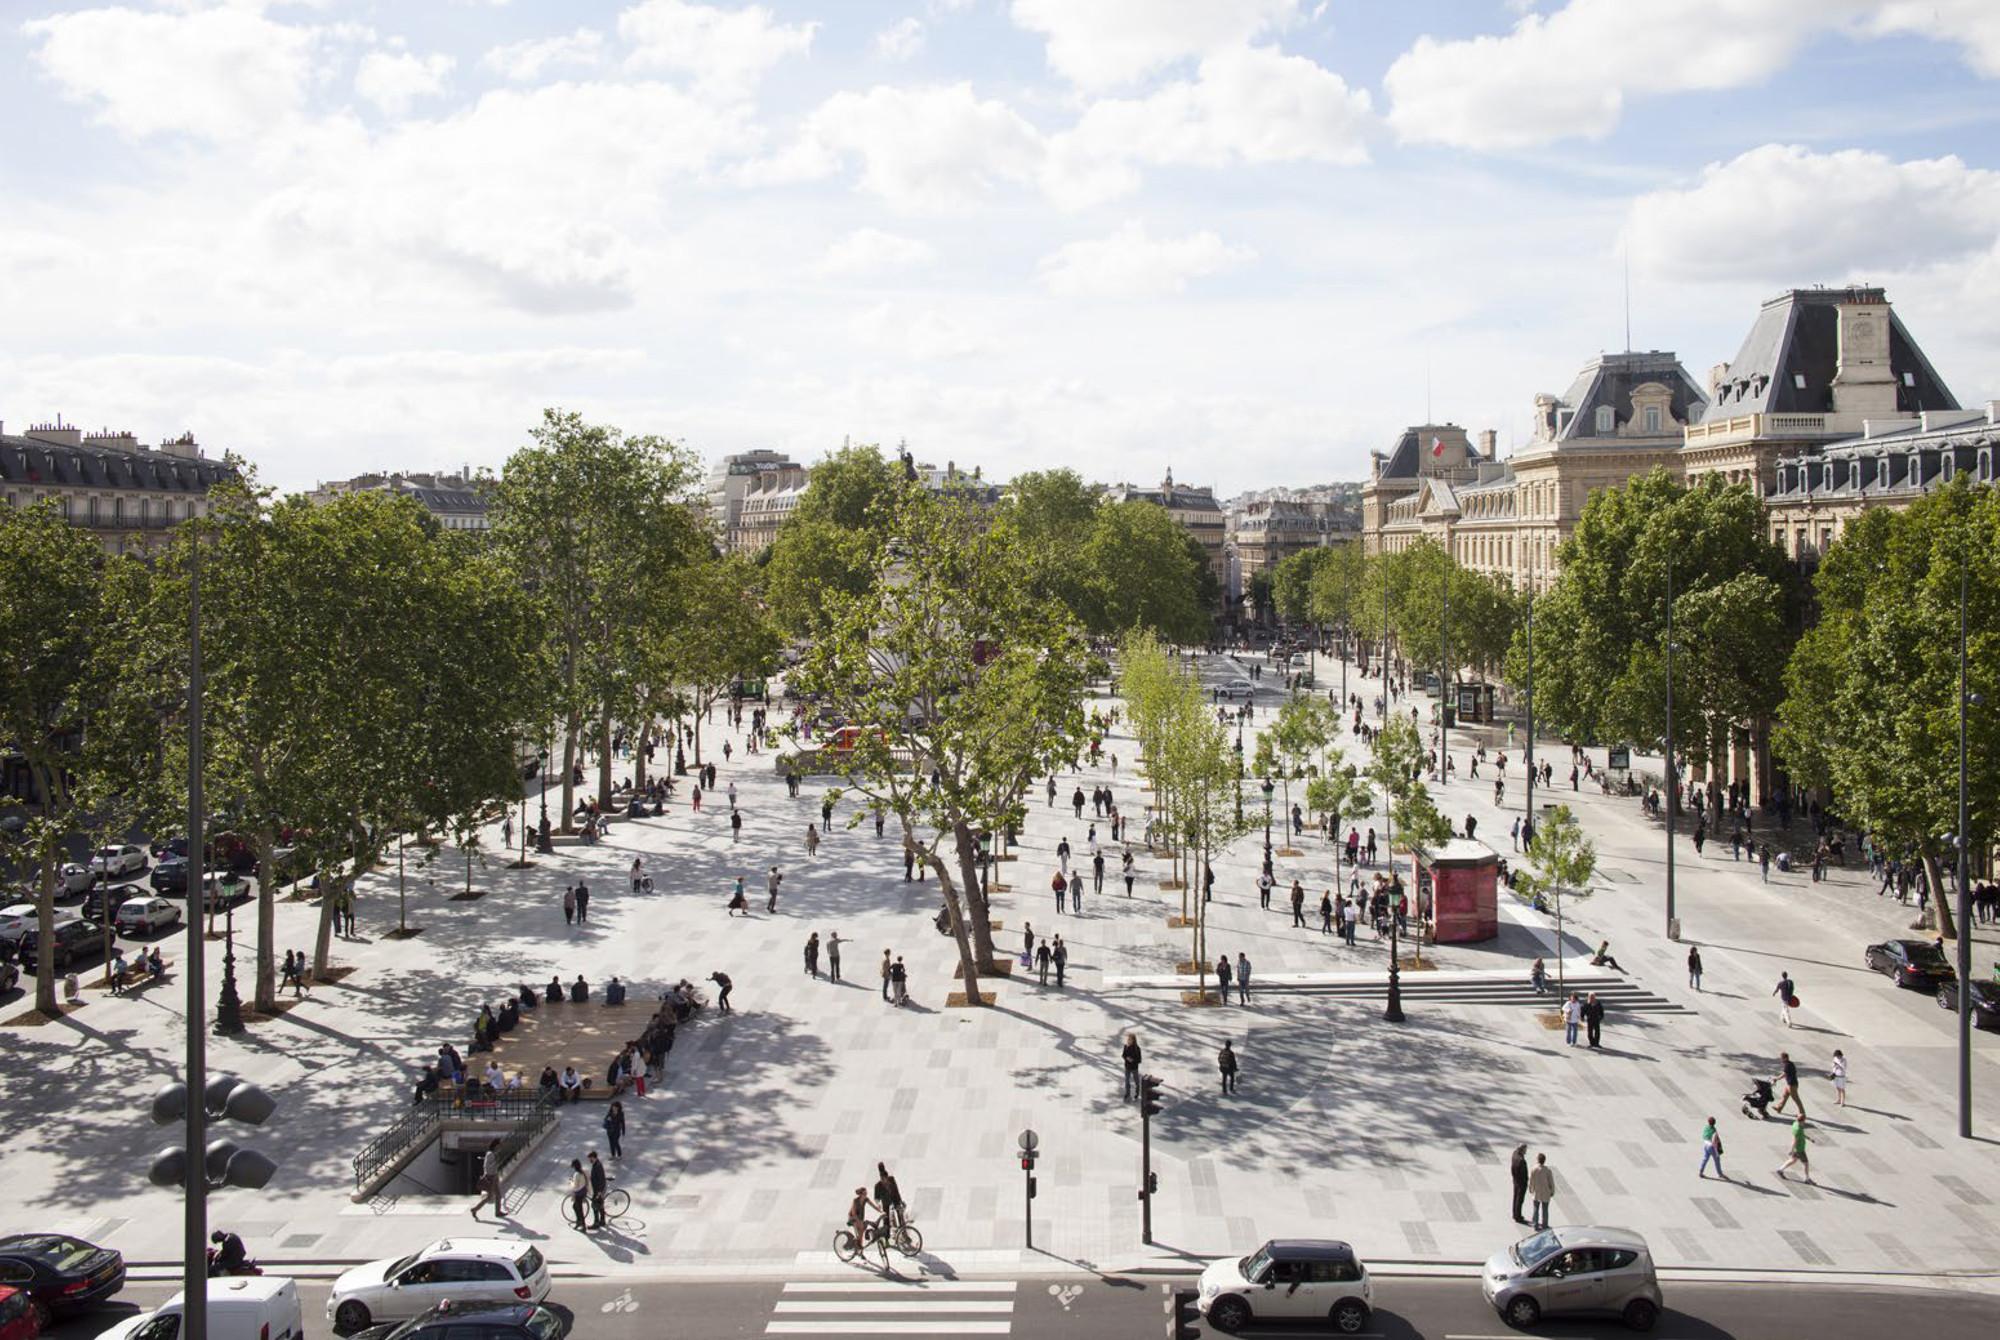 Arquitectura y Paisaje: la mayor plaza peatonal de París convertida en un centro de intercambio y movimiento, © Clement Guillaume